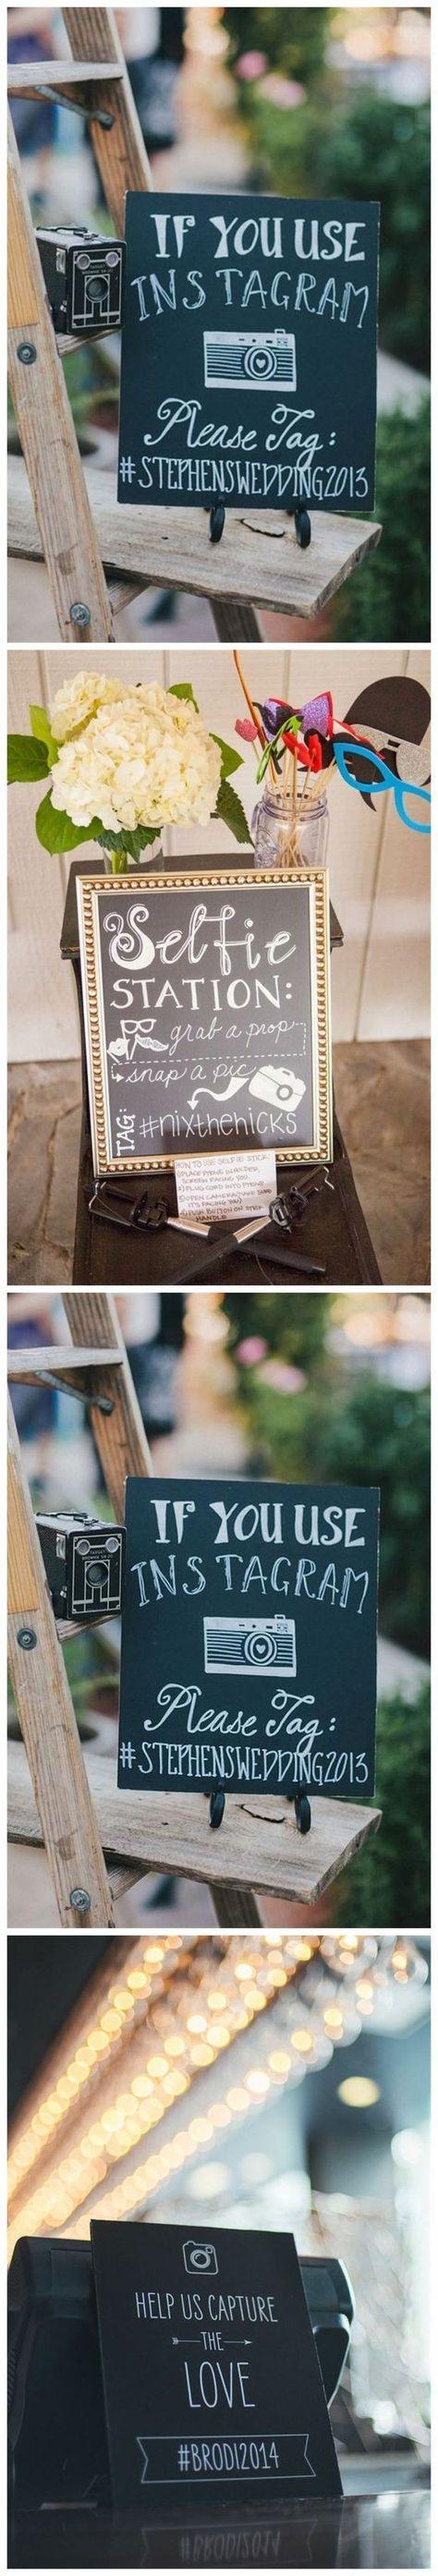 Inform Your Guests Of A Preferred Hashtag For Your Wedding DIY Wedding Ideas | Rustic Wedding Decorations | Elegant Wedding Decor on a Budget |  #wedding #weddingideas #rusticwedding #weddingdecorations #DIYwedding